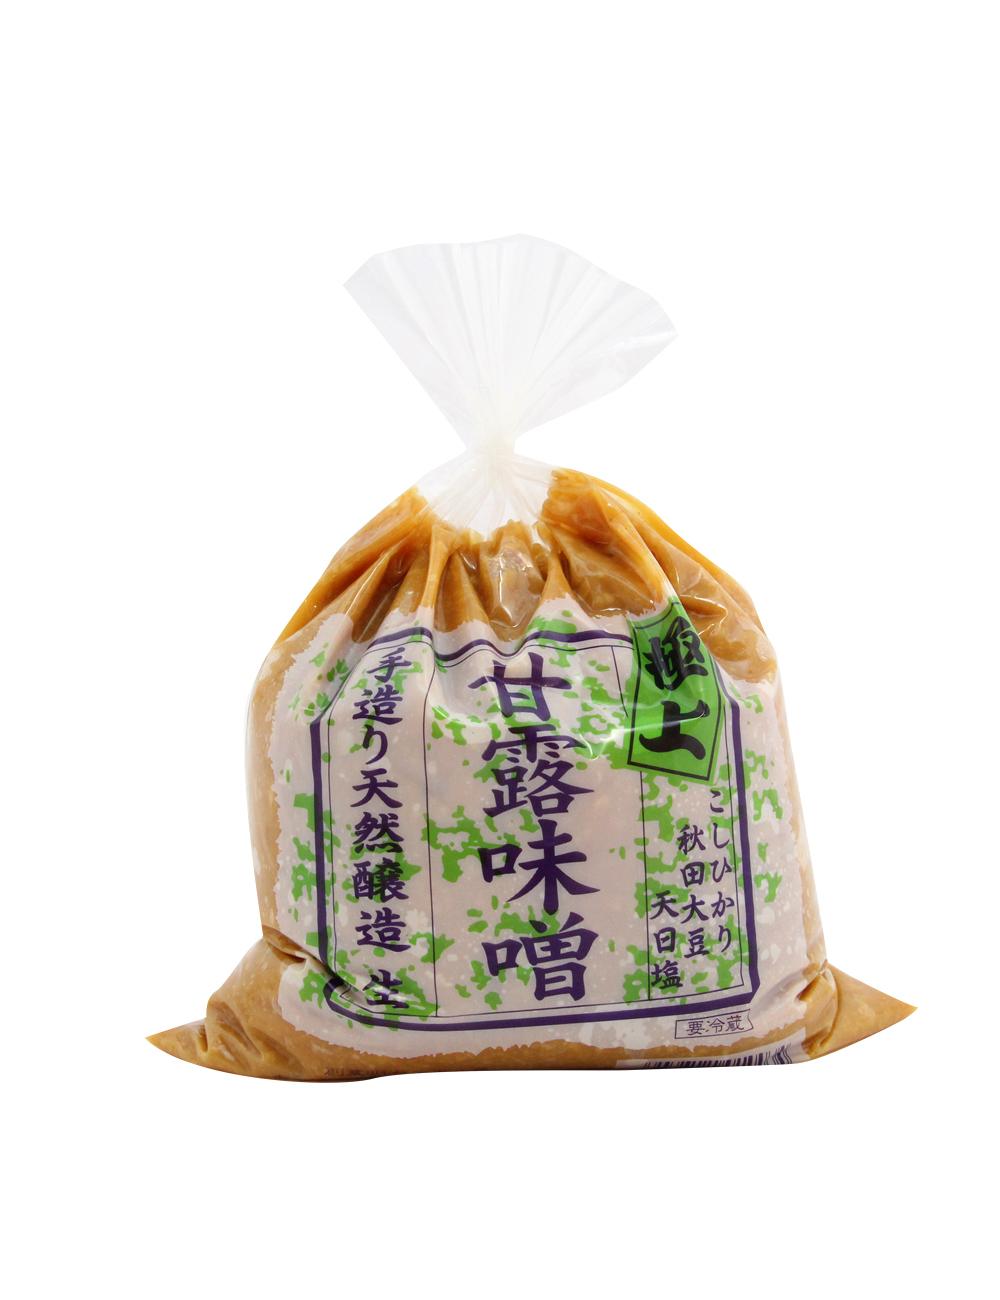 極上 甘露味噌 手作り天然醸造 こしひかり・秋田大豆使用